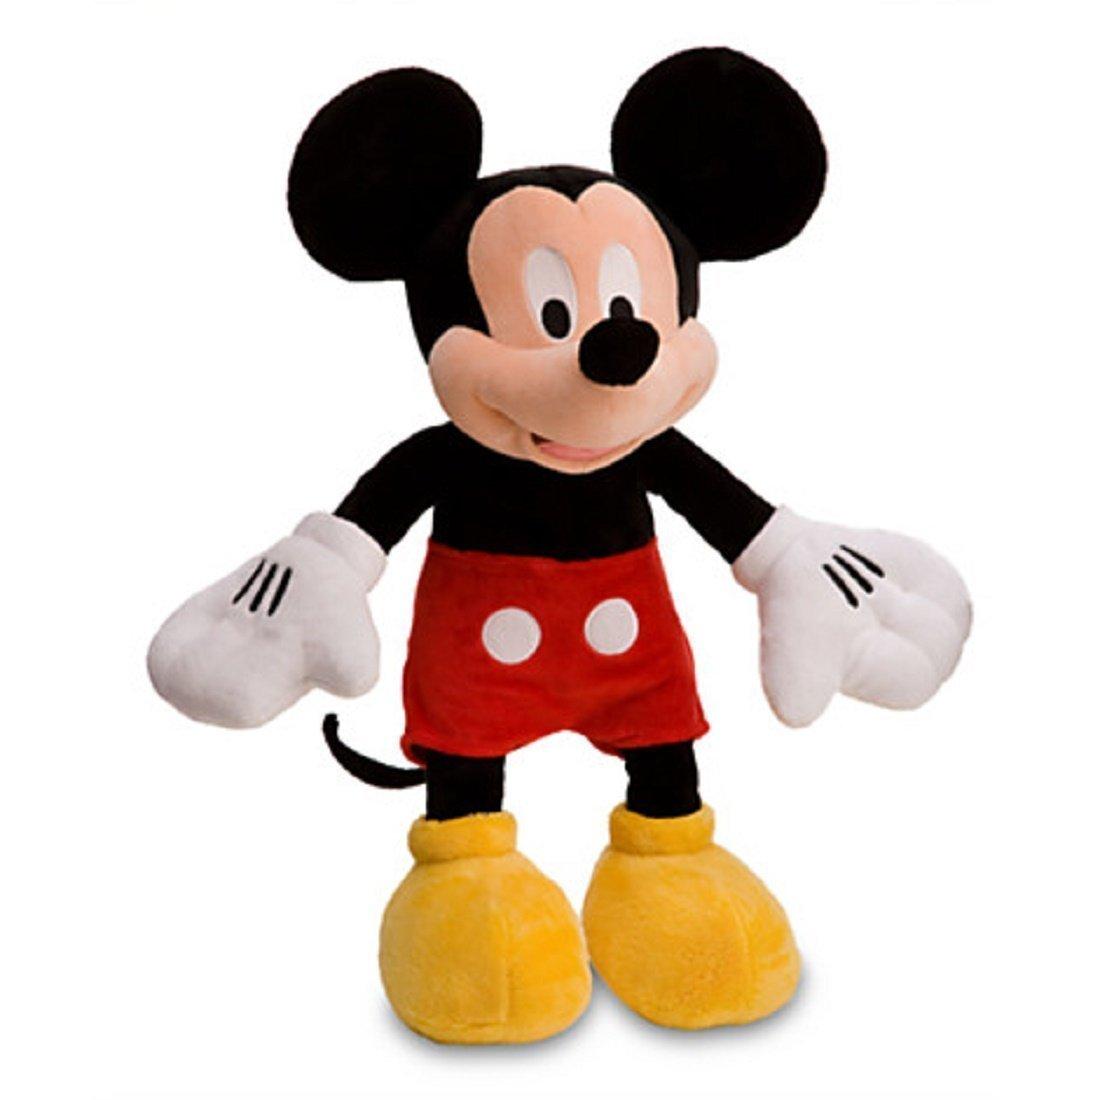 Disney Mickey Mouse Plush Toy -- 15''